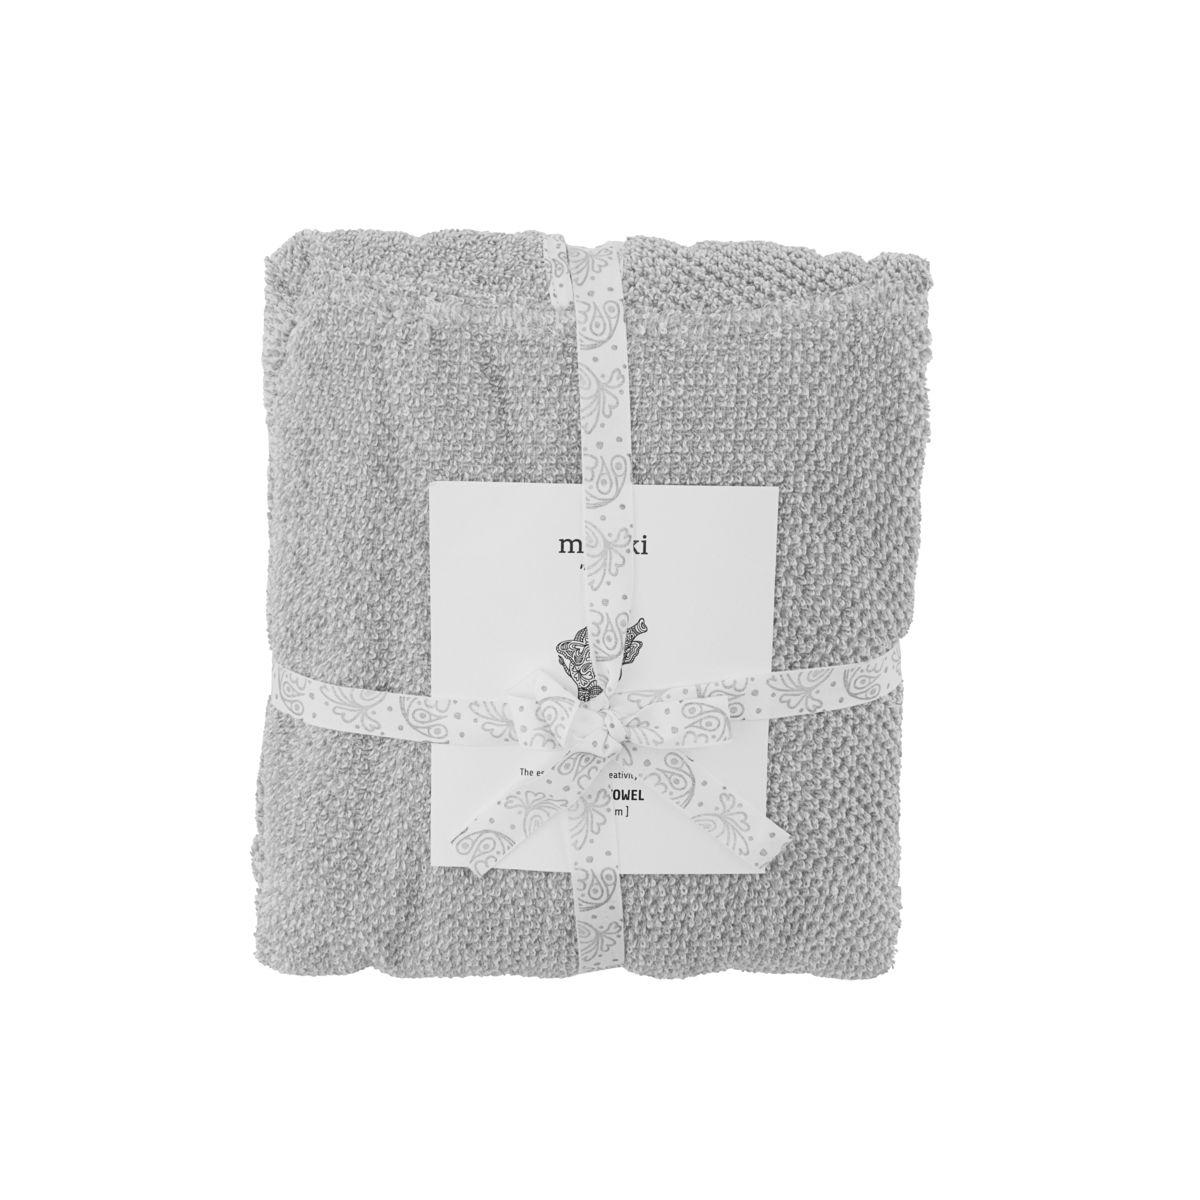 Image of   Poncho håndklæde, Meraki mini, Grå, 100% økologisk bomuld, l: 60 cm, b: 60 cm